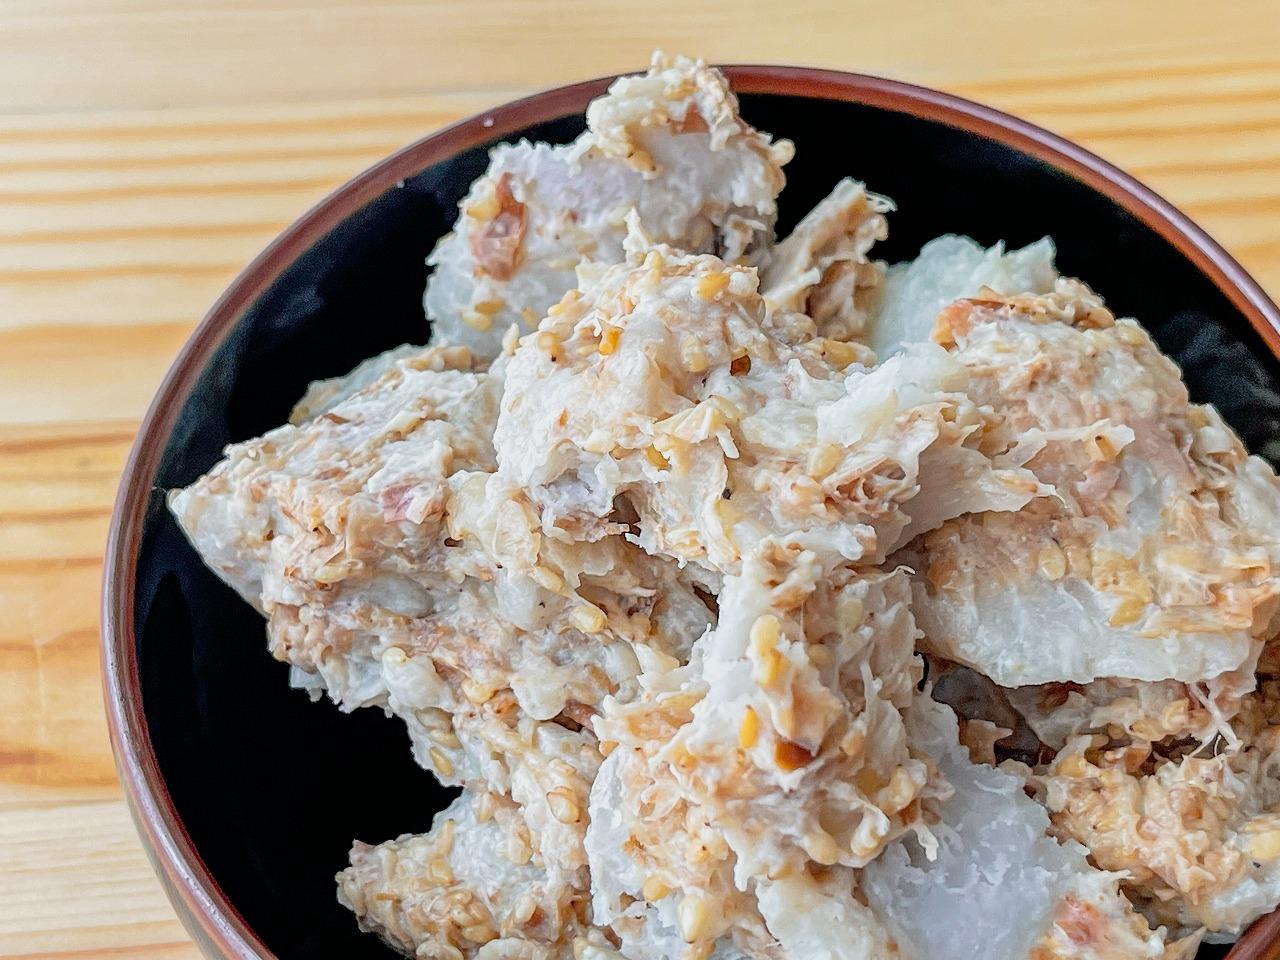 【野菜ひとつ】里芋のおかかサラダ